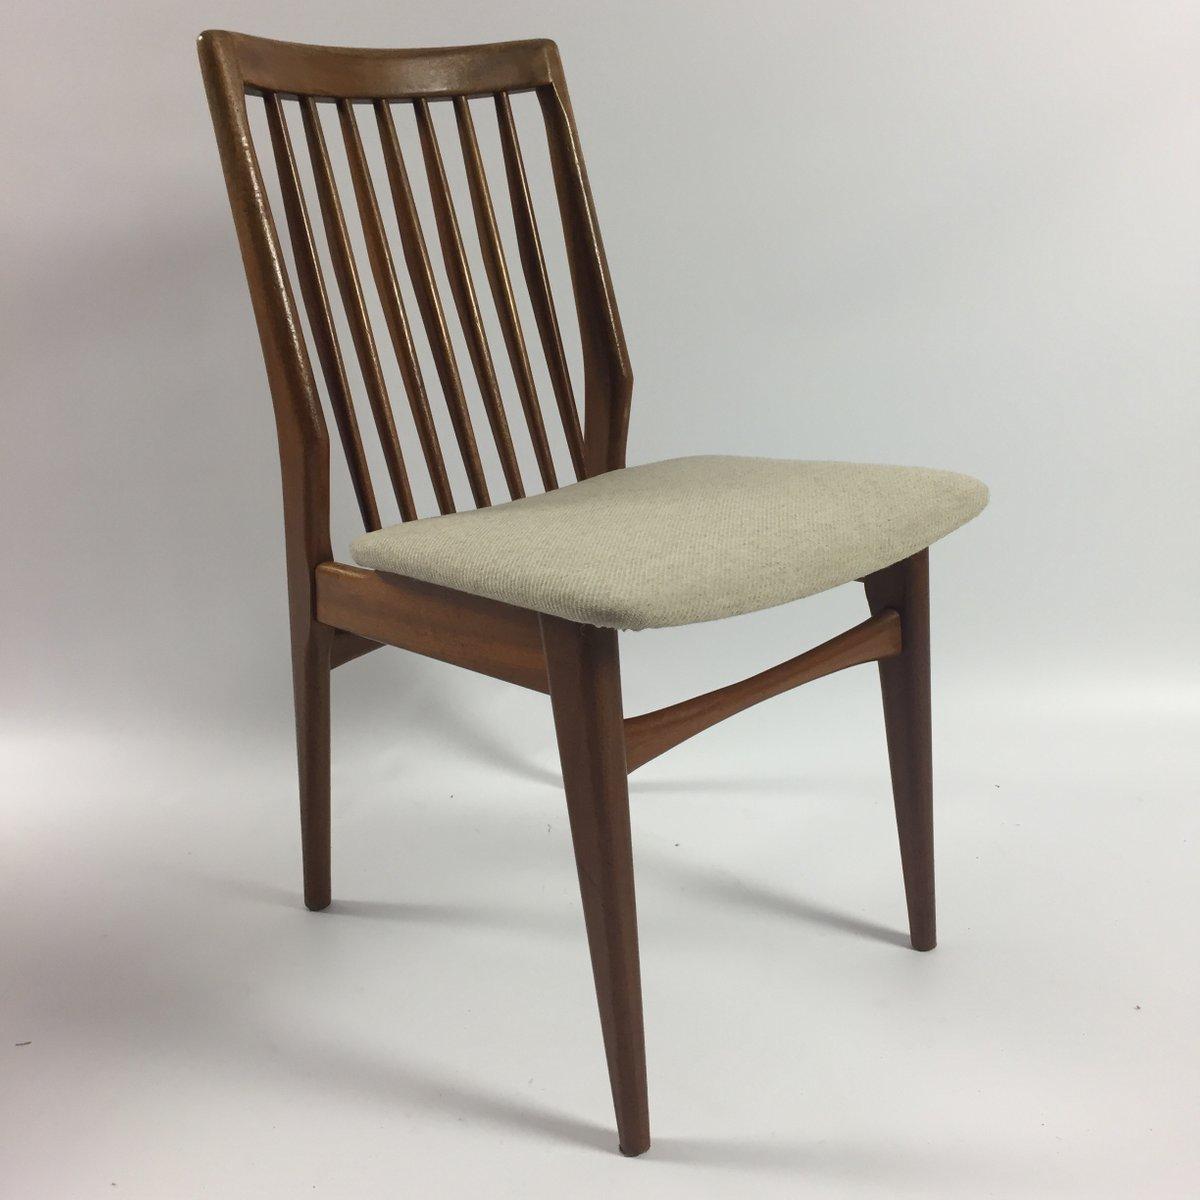 niederl ndische walnuss esszimmerst hle 1960er 4er set. Black Bedroom Furniture Sets. Home Design Ideas